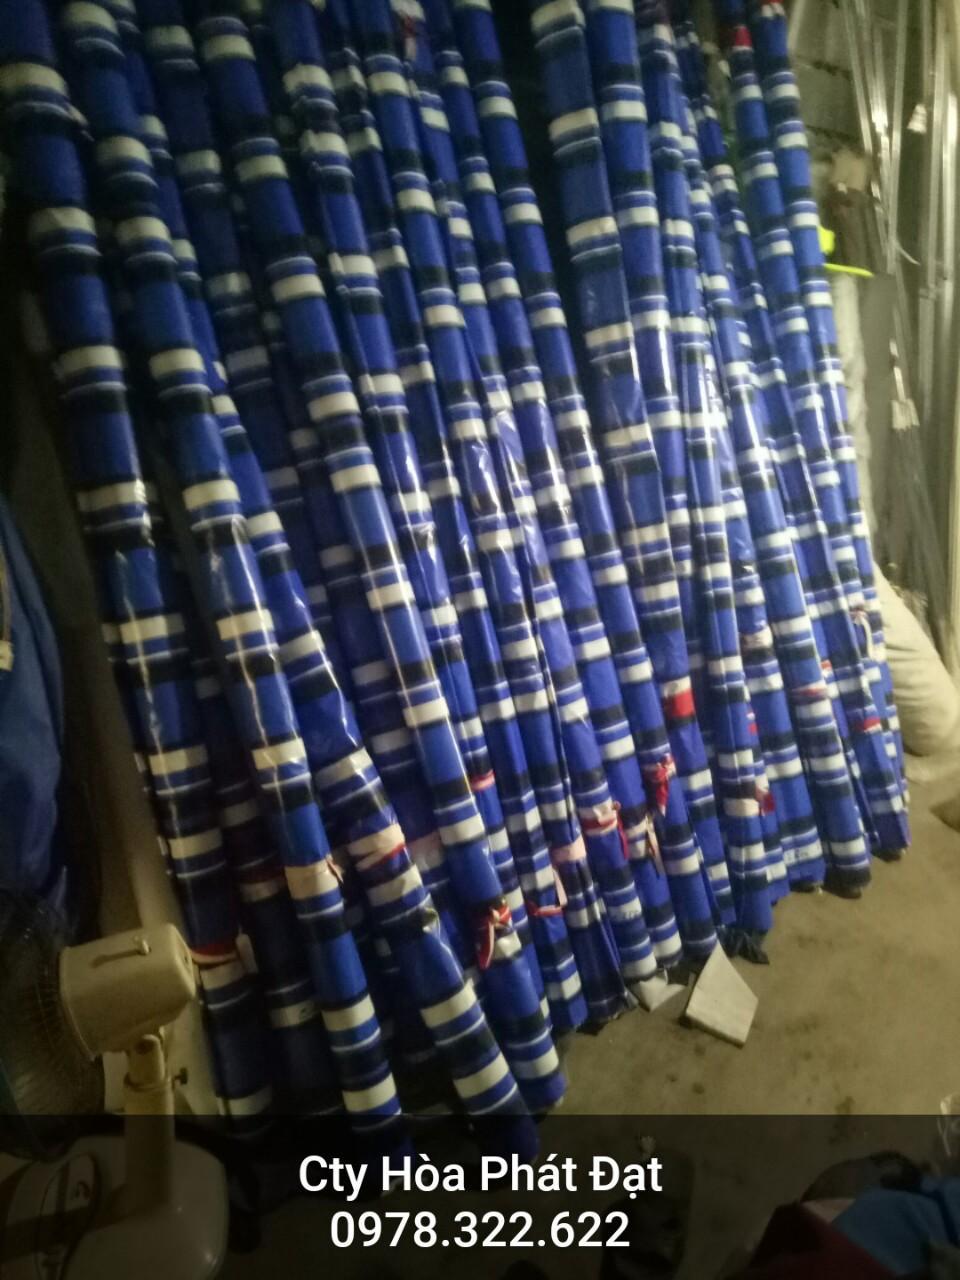 Chuyên cung cấp nhận in may ép vải bạt mái hiên mái xếp theo yêu cầu, gia công thay bạt mái che tại tp tân an long an